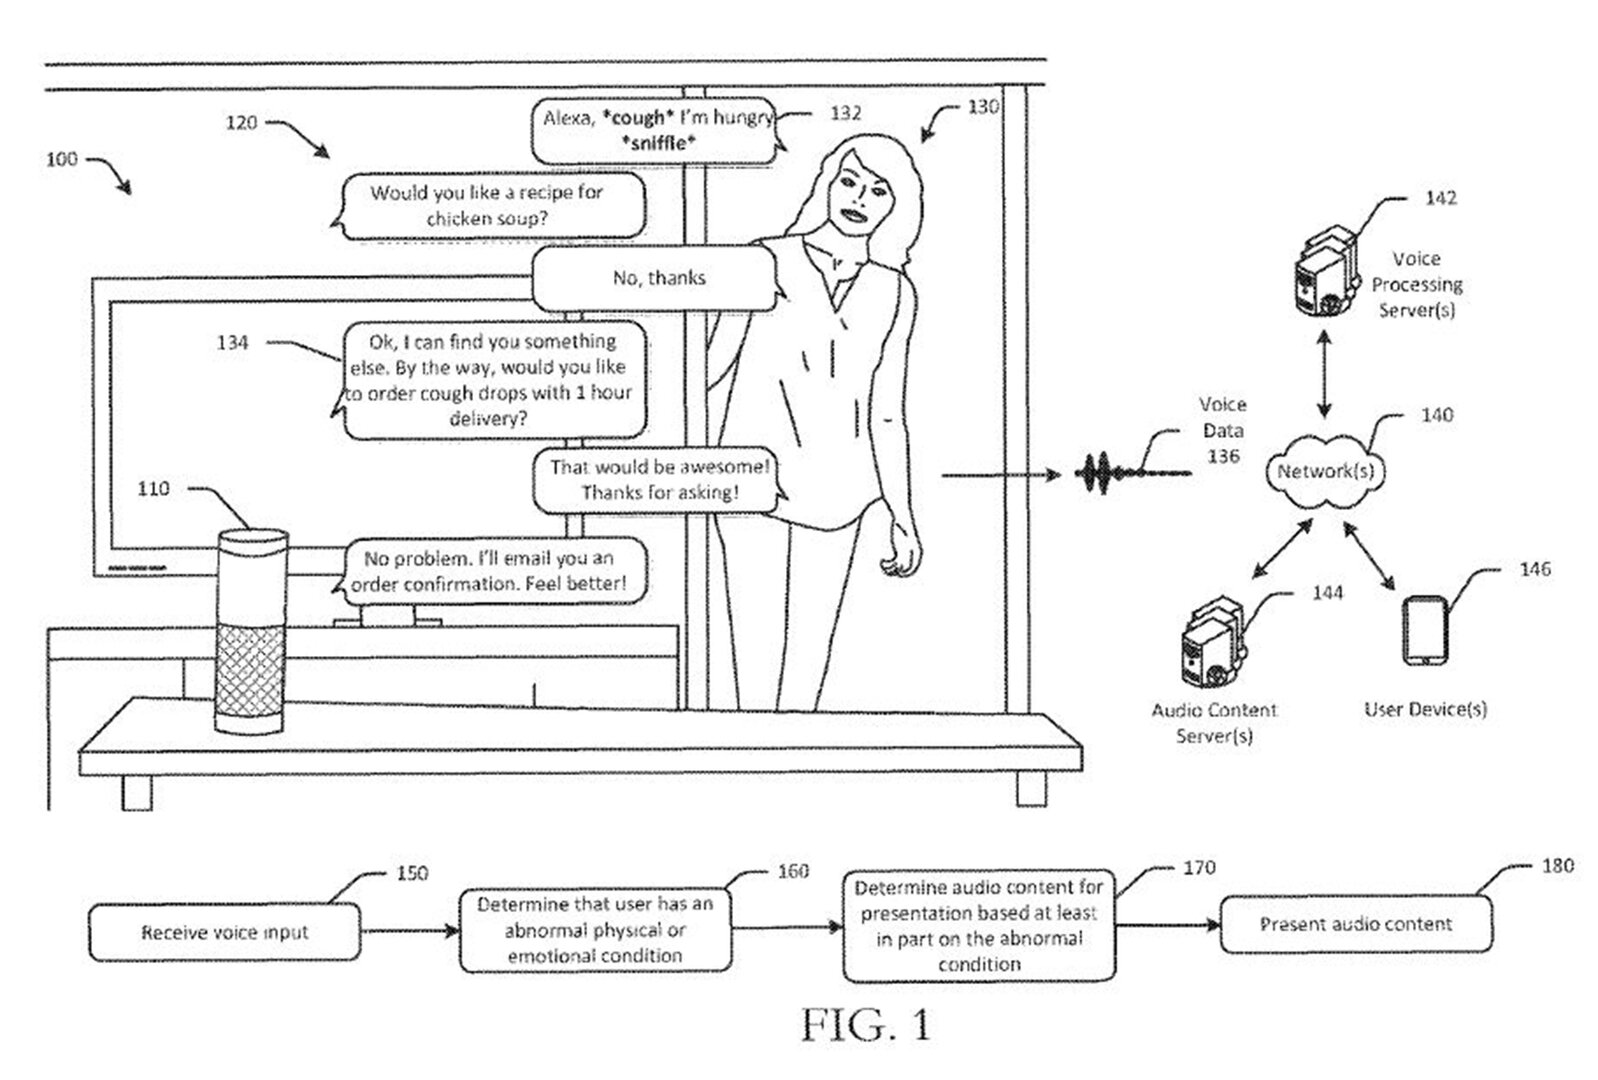 Patentantrag von Amazon zur Erkennung von Emotionen